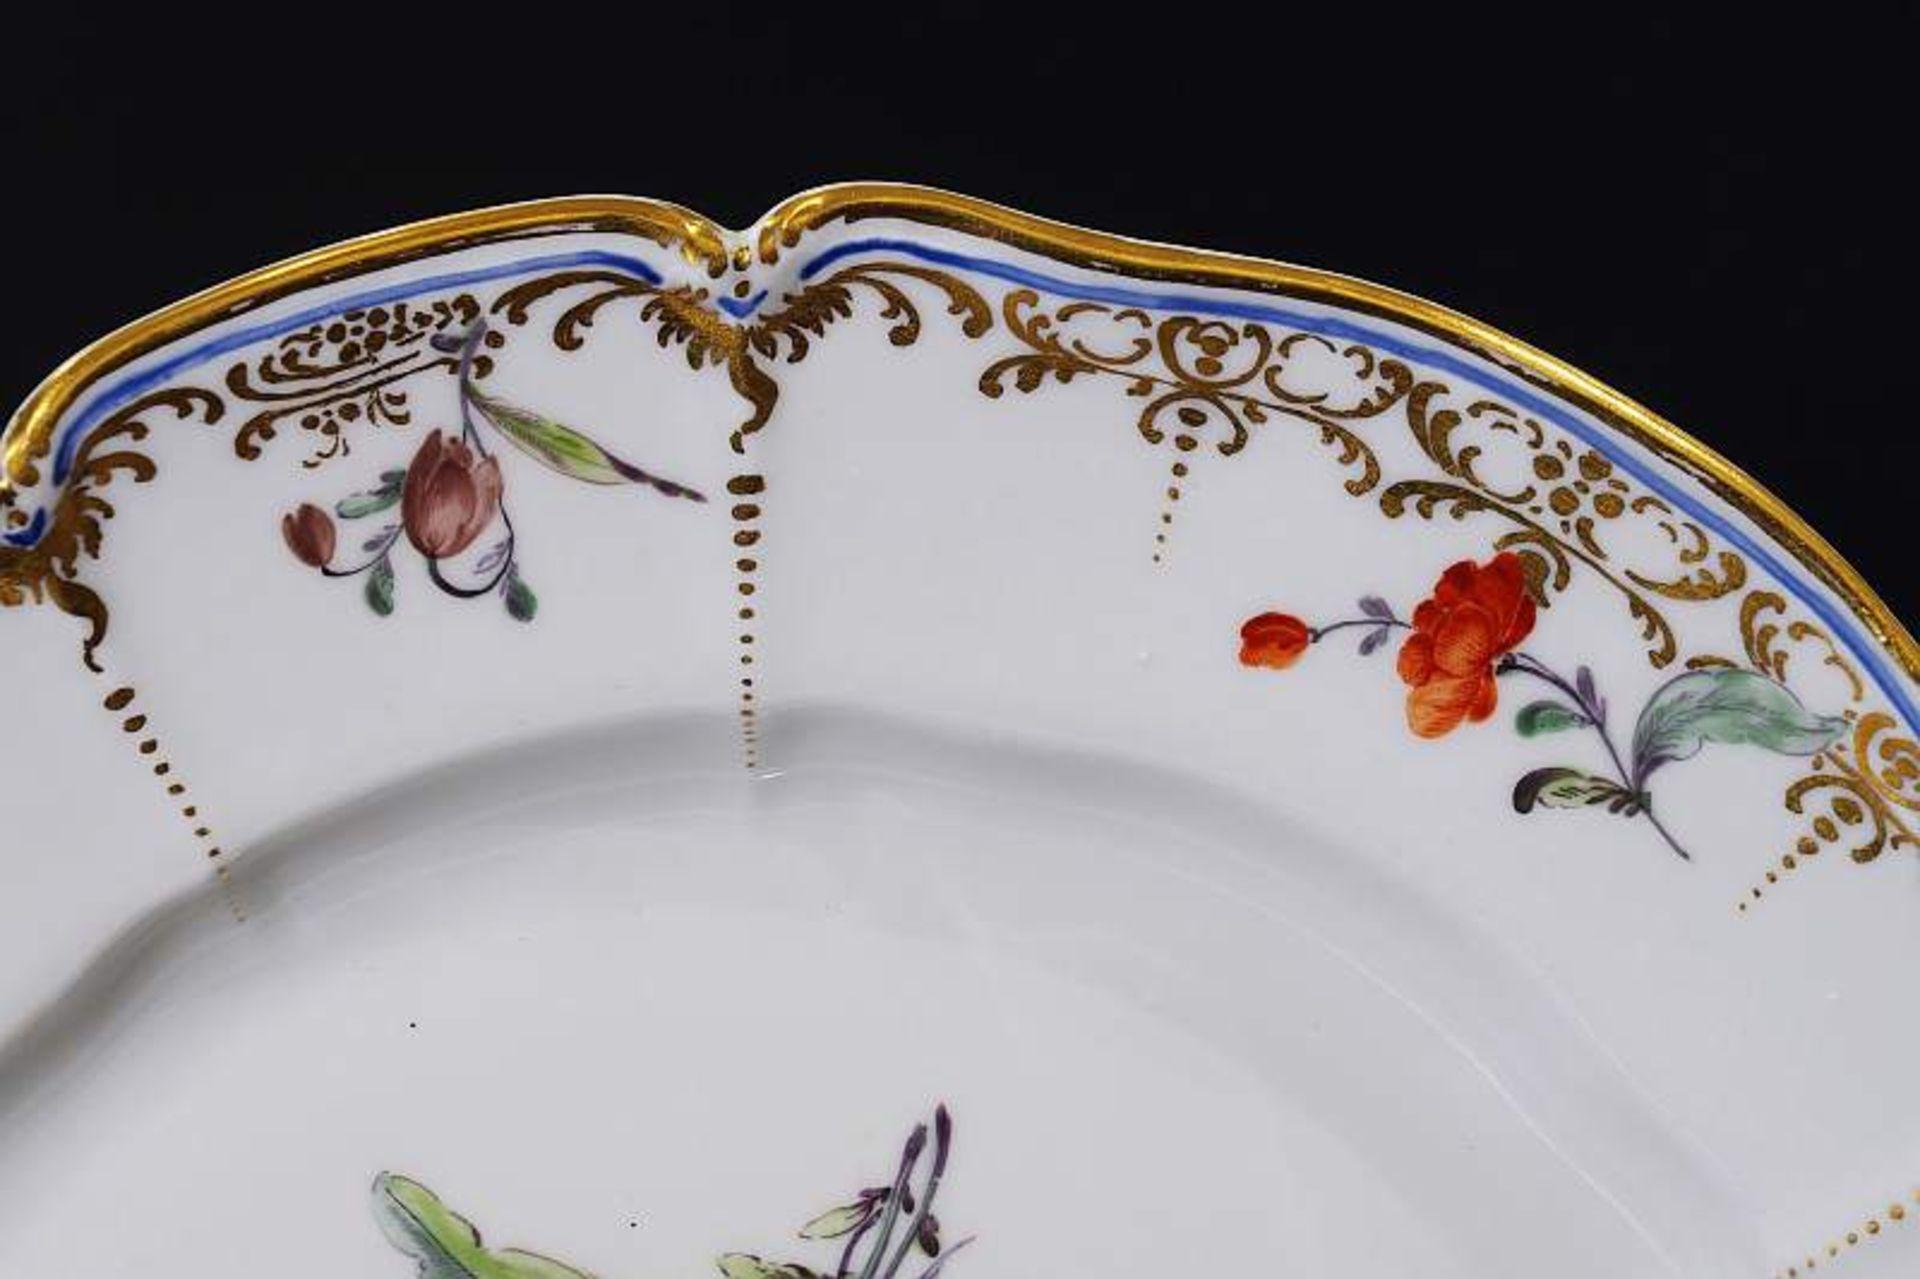 Zierteller. NYMPHENBURG 18. Jahrhundert. Zierteller. NYMPHENBURG 18. Jahrhundert. Teller aus dem - Bild 4 aus 6